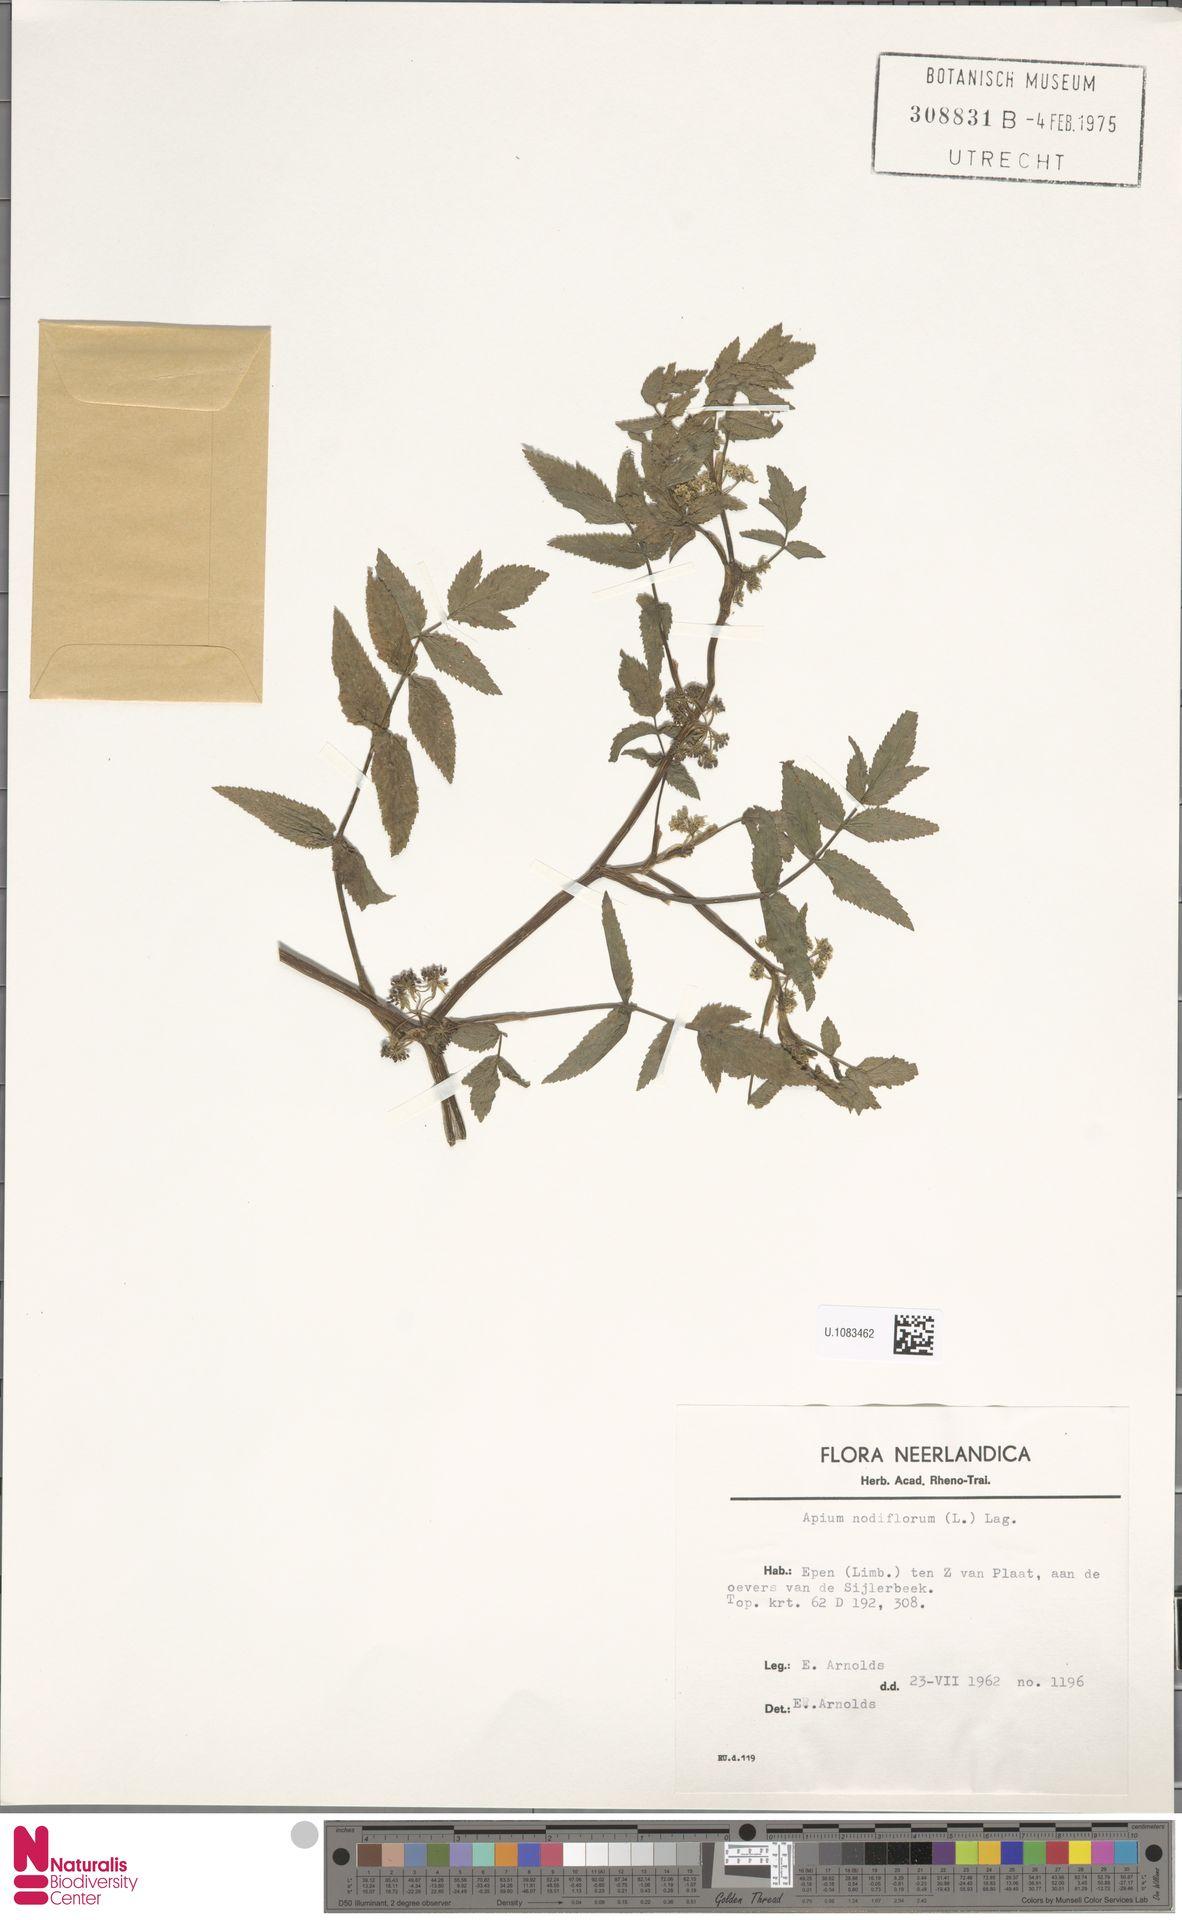 U.1083462 | Apium nodiflorum (L.) Lag.